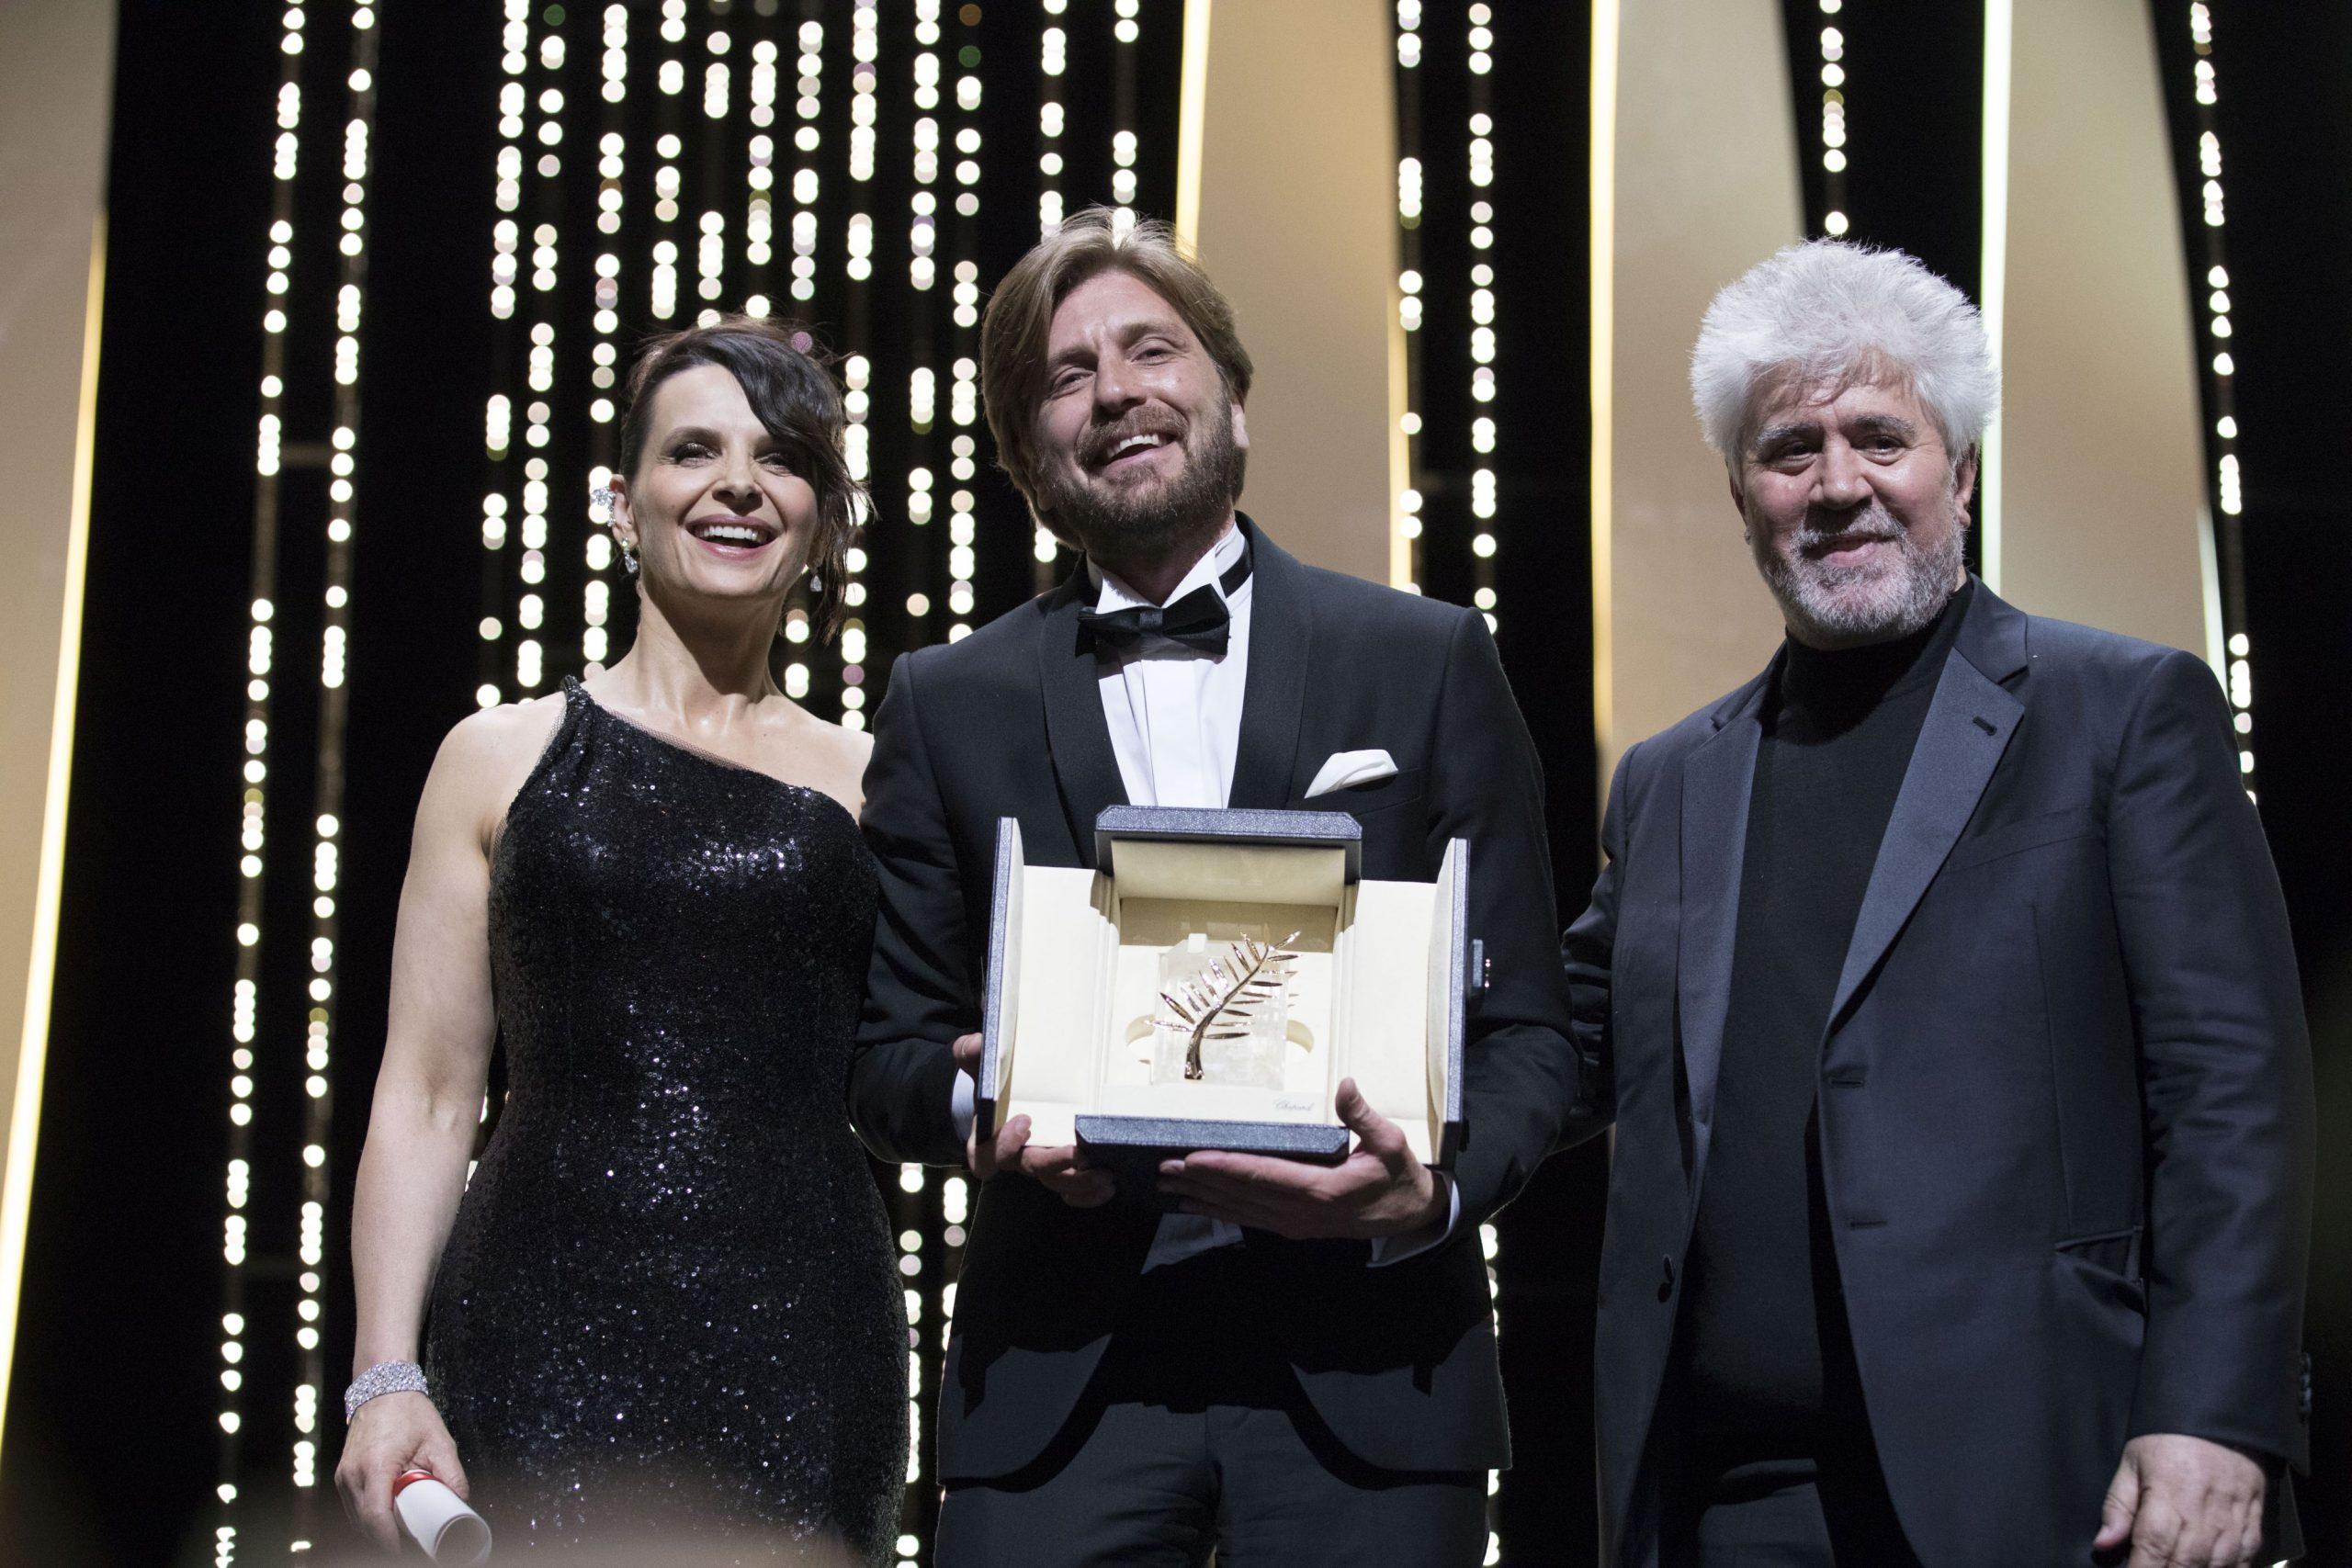 Marii castigatori la Cannes 2017: iata cine a luat trofeul Palme d'Or!